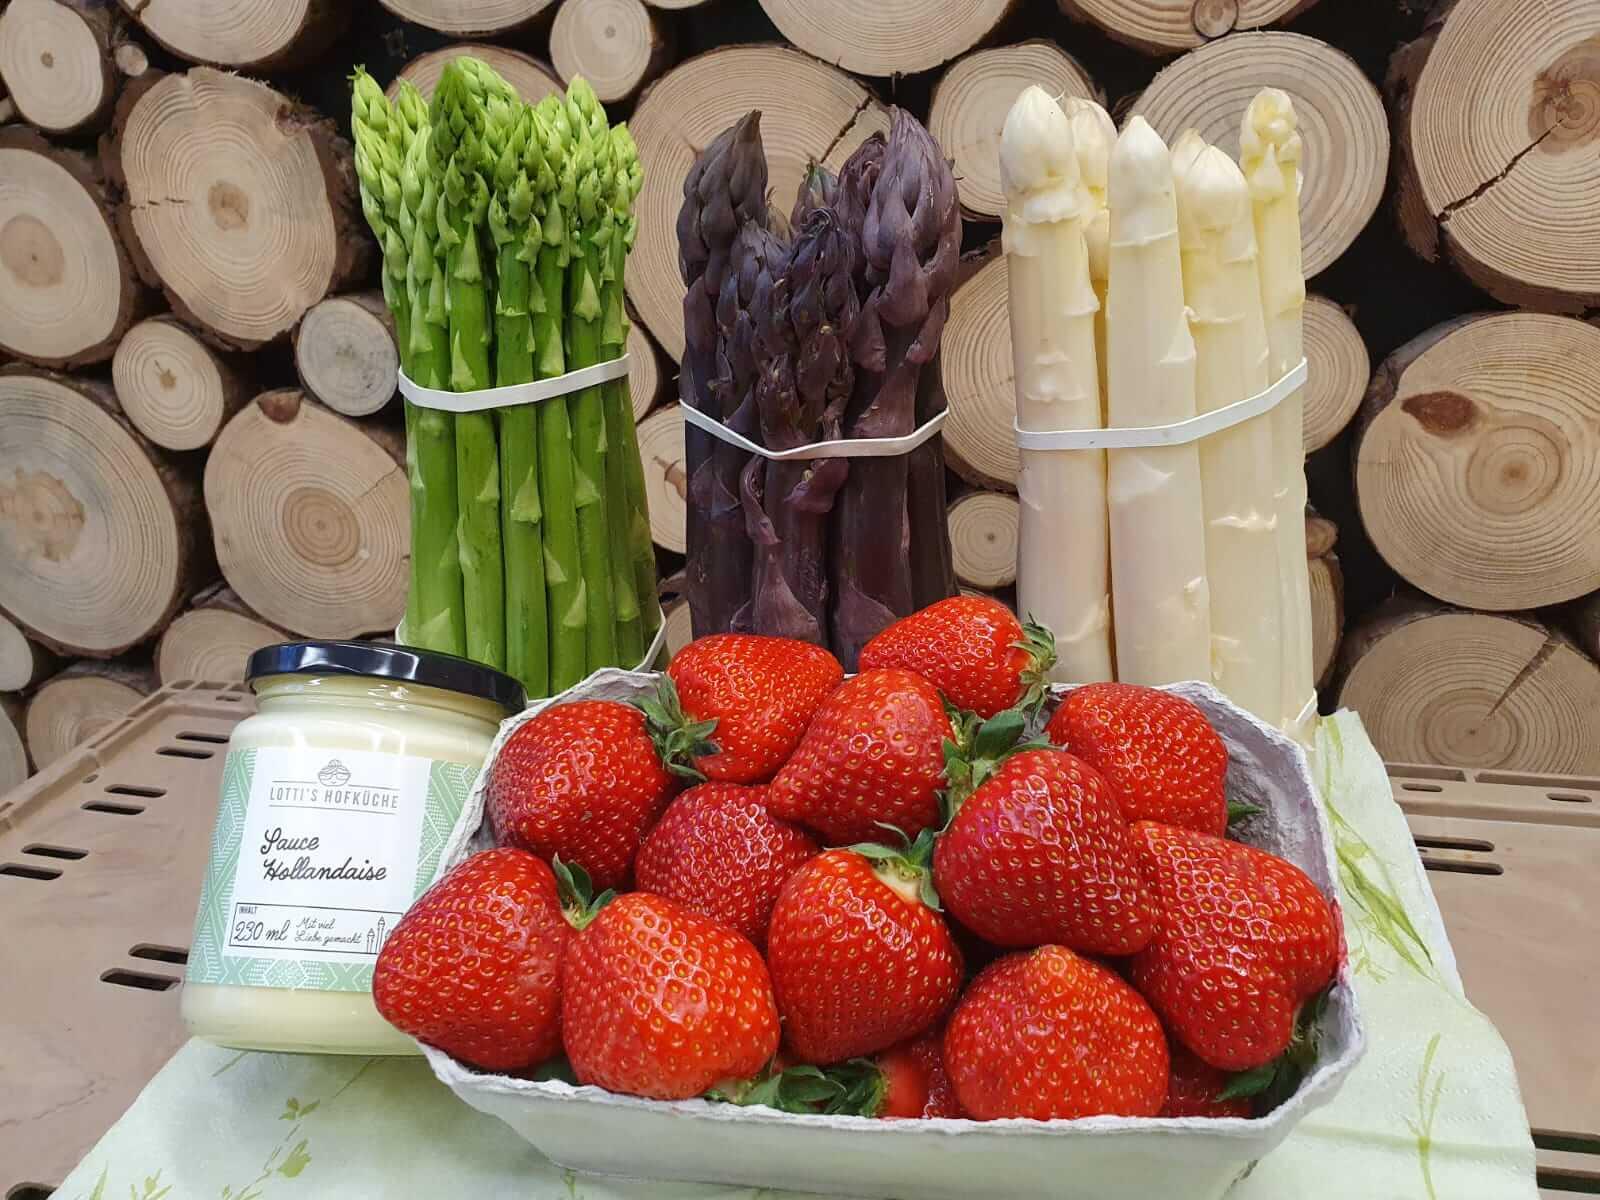 Hofladen Haap, Spargel und Erdbeeren aus der Region